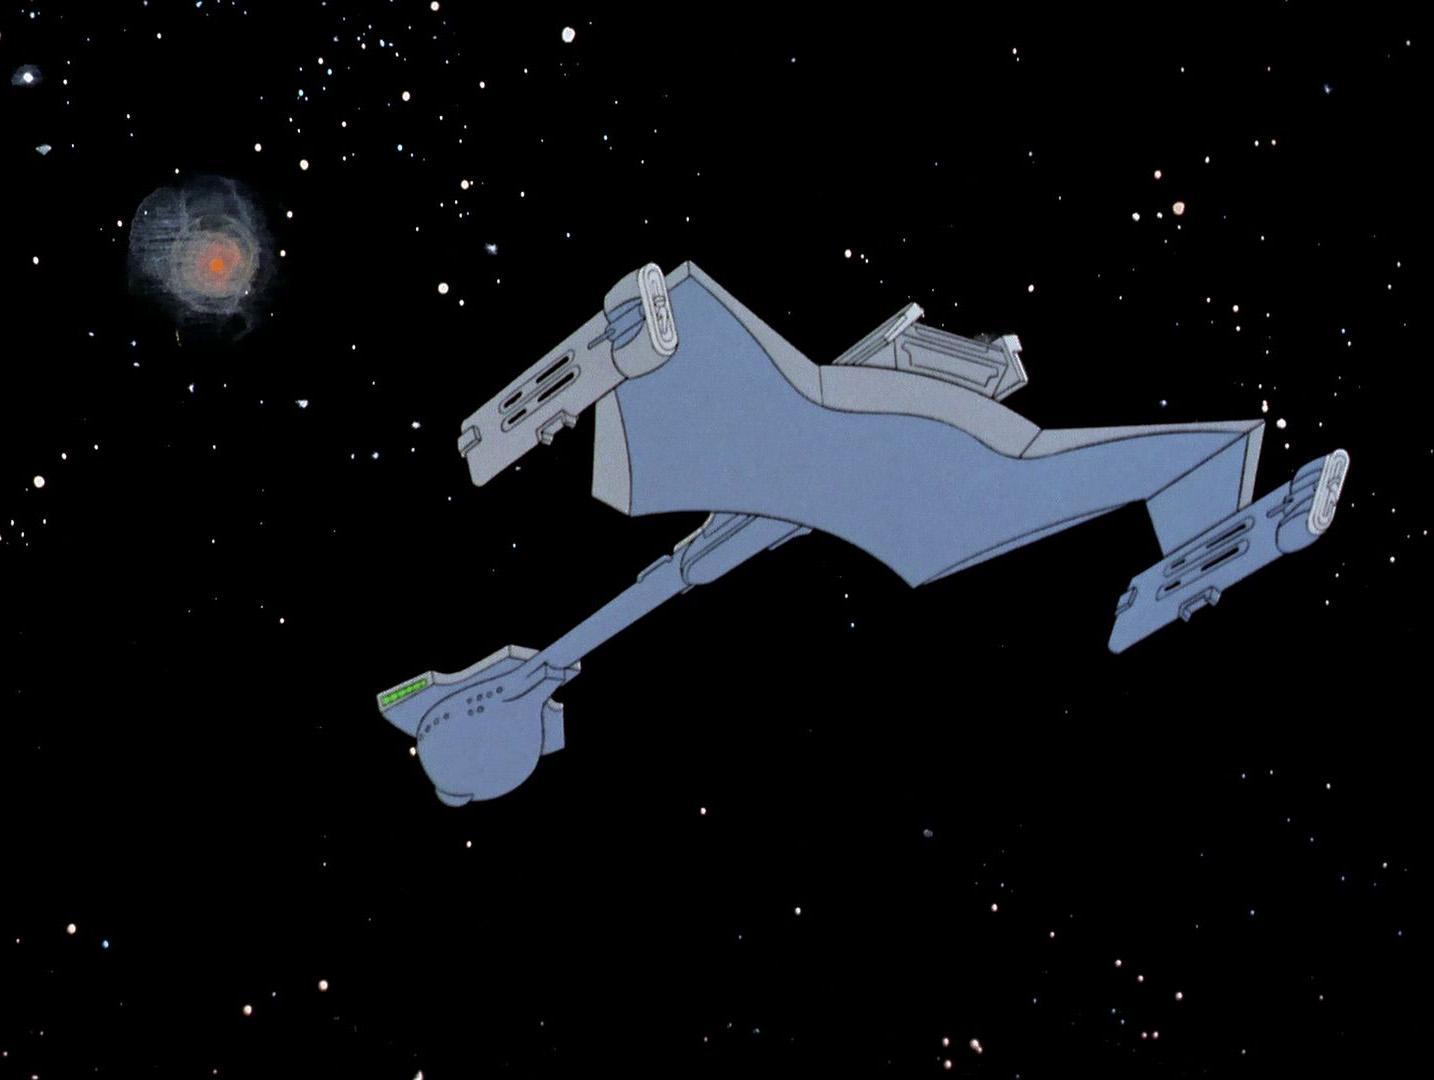 космический корабль гиф картинка так небольшой мод